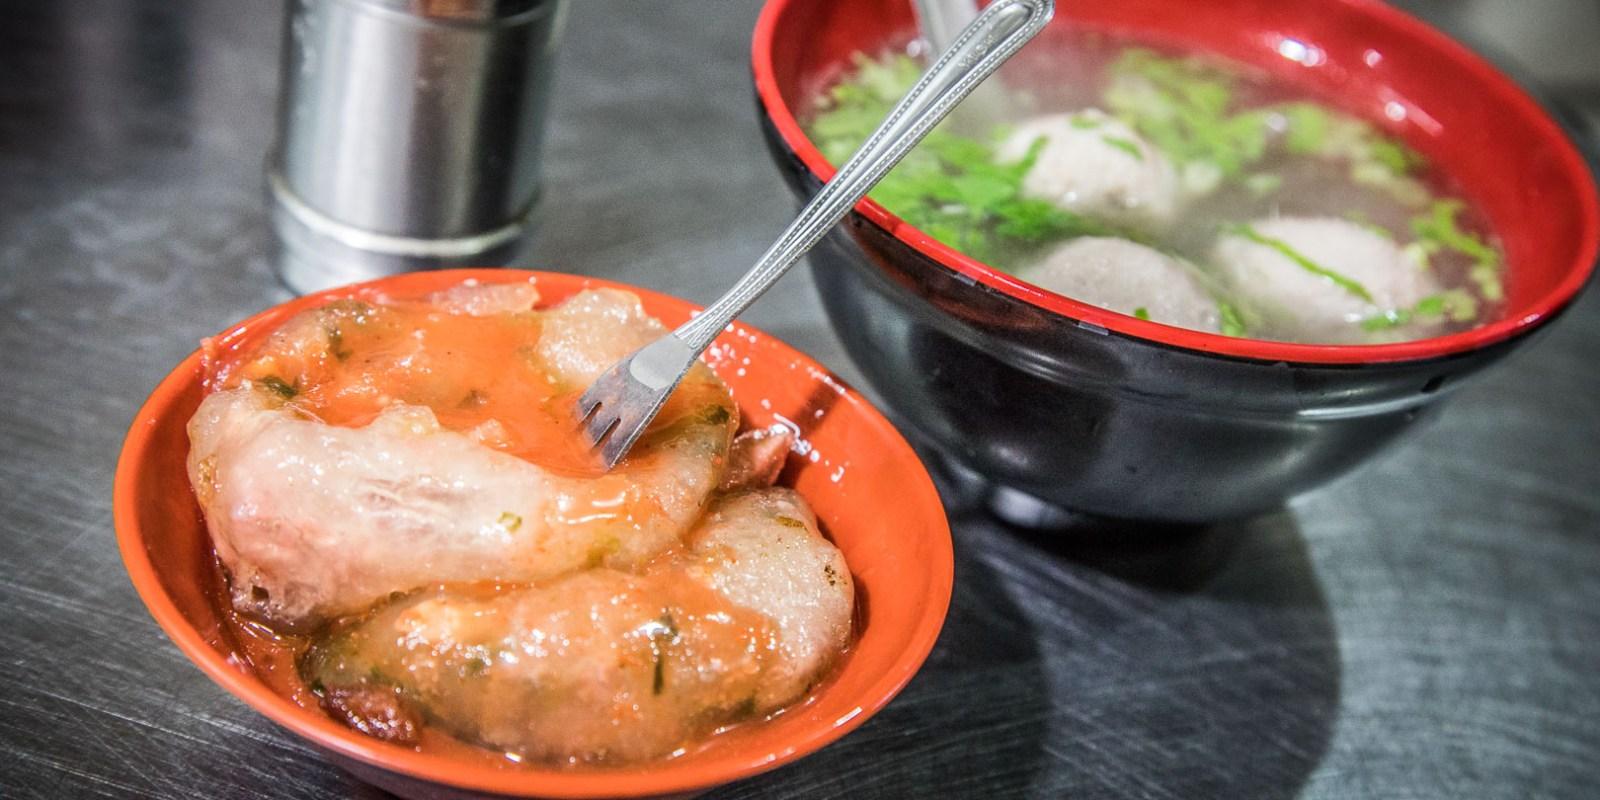 [新竹美食]玉龍肉圓/QQ薄皮肉圓,吃完餡料留下來加湯喝,超讚!